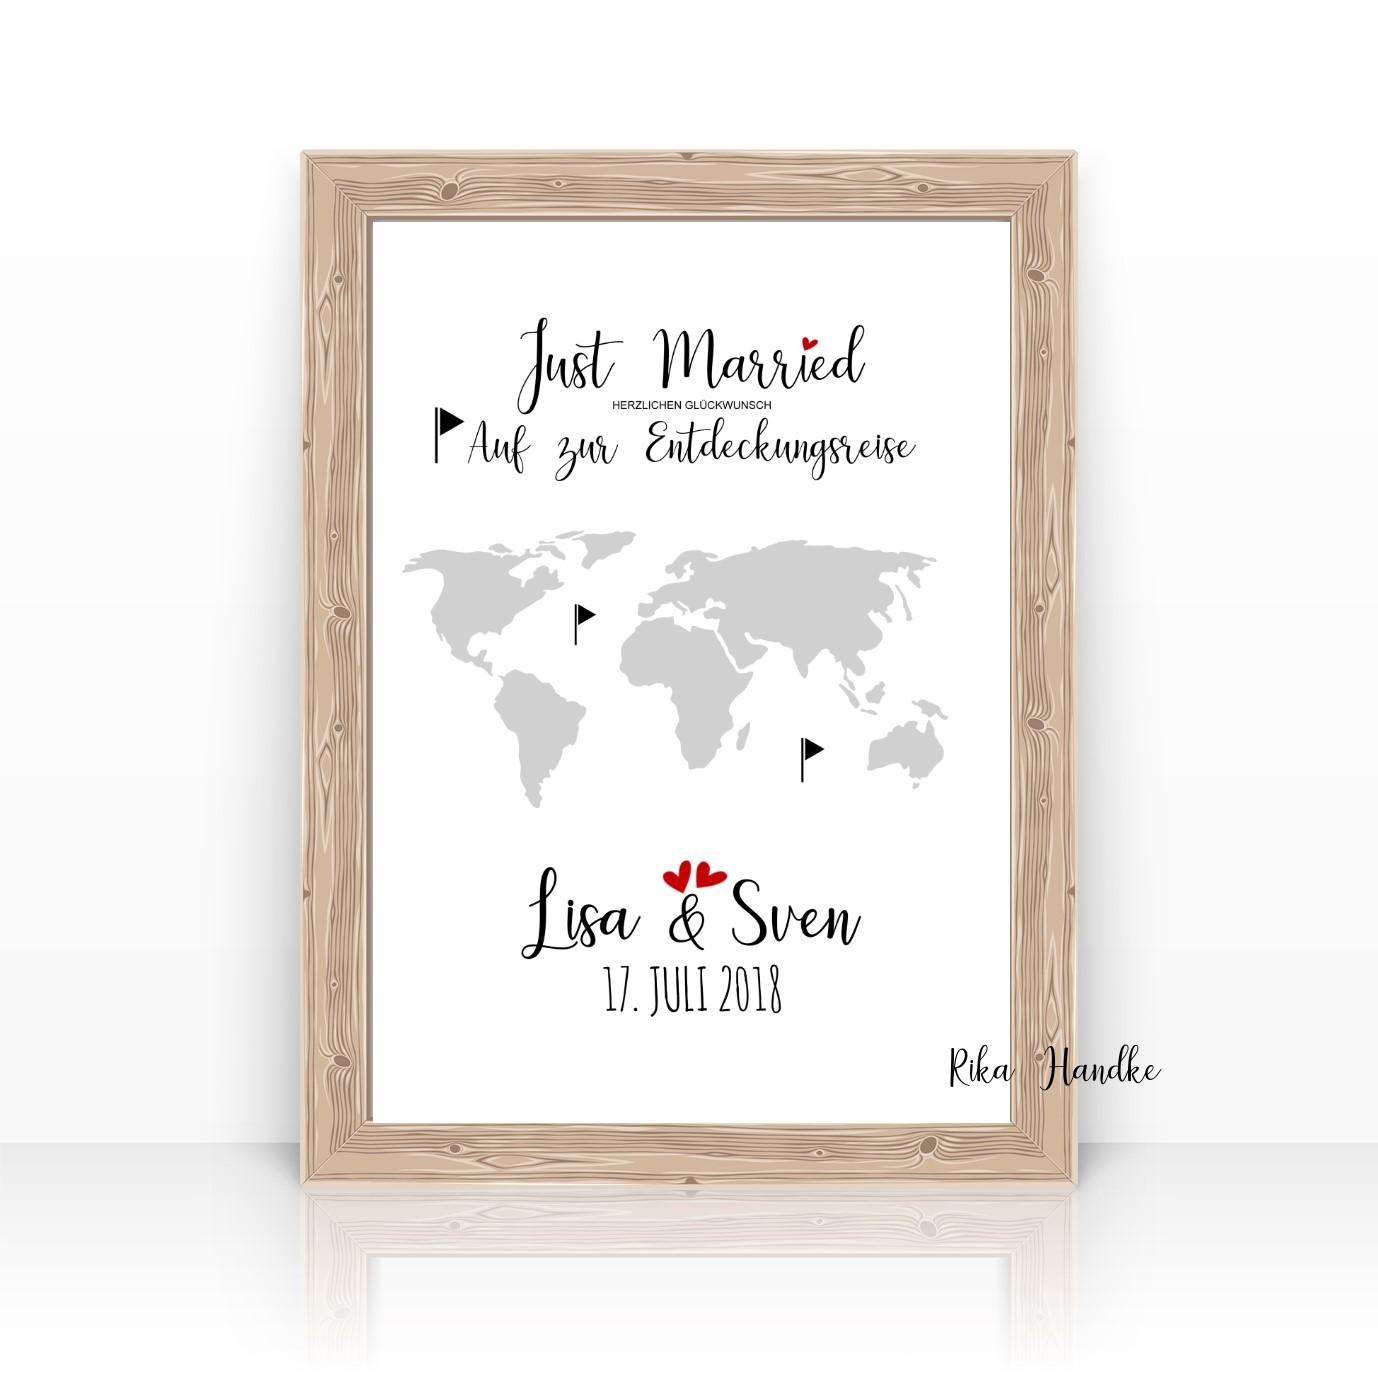 Geldgeschenk Geschenk Zur Hochzeit Weltkarte Personalisiert A4 Personalisierte Geschenke Zur Hochzeit Zur Geburt Zur Taufe Hochzeitsgeschenke Geburtsgeschenke Taufgeschenke Geldgeschenke